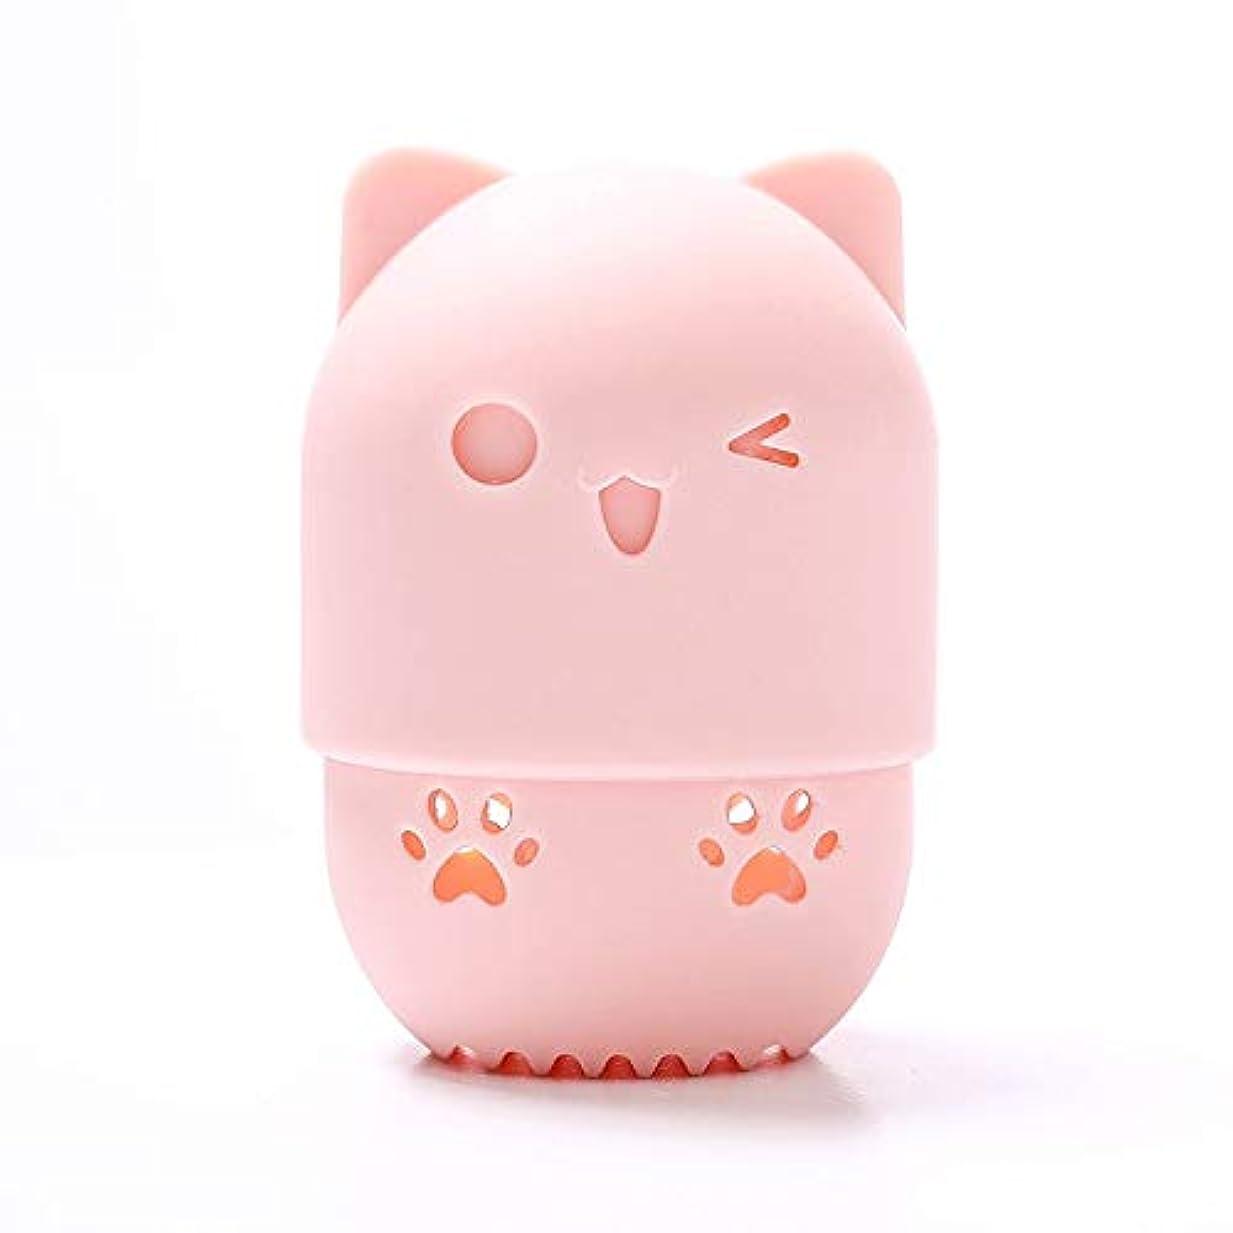 バスタブ必需品残酷なスポンジパフ収納ボックス ,可愛い通気性を柔らか美容スポンジ シリコン旅行 キャリングケース、あらゆる化粧スポンジ適用 (ピンク)